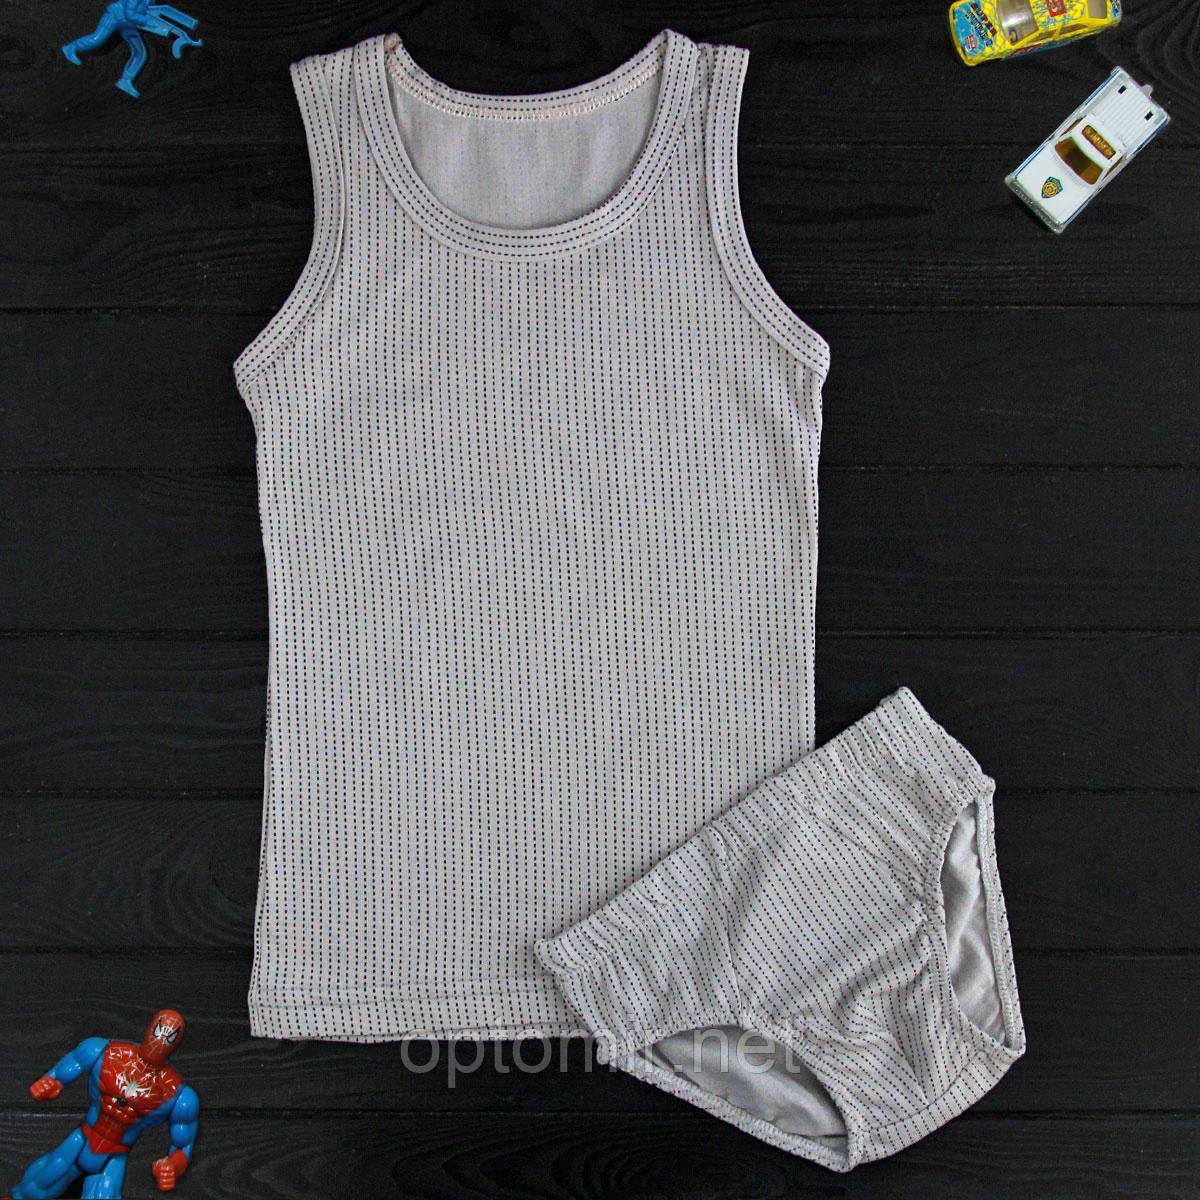 Комплект дитячий Donella для хлопчика на 6/7 років   1 шт.